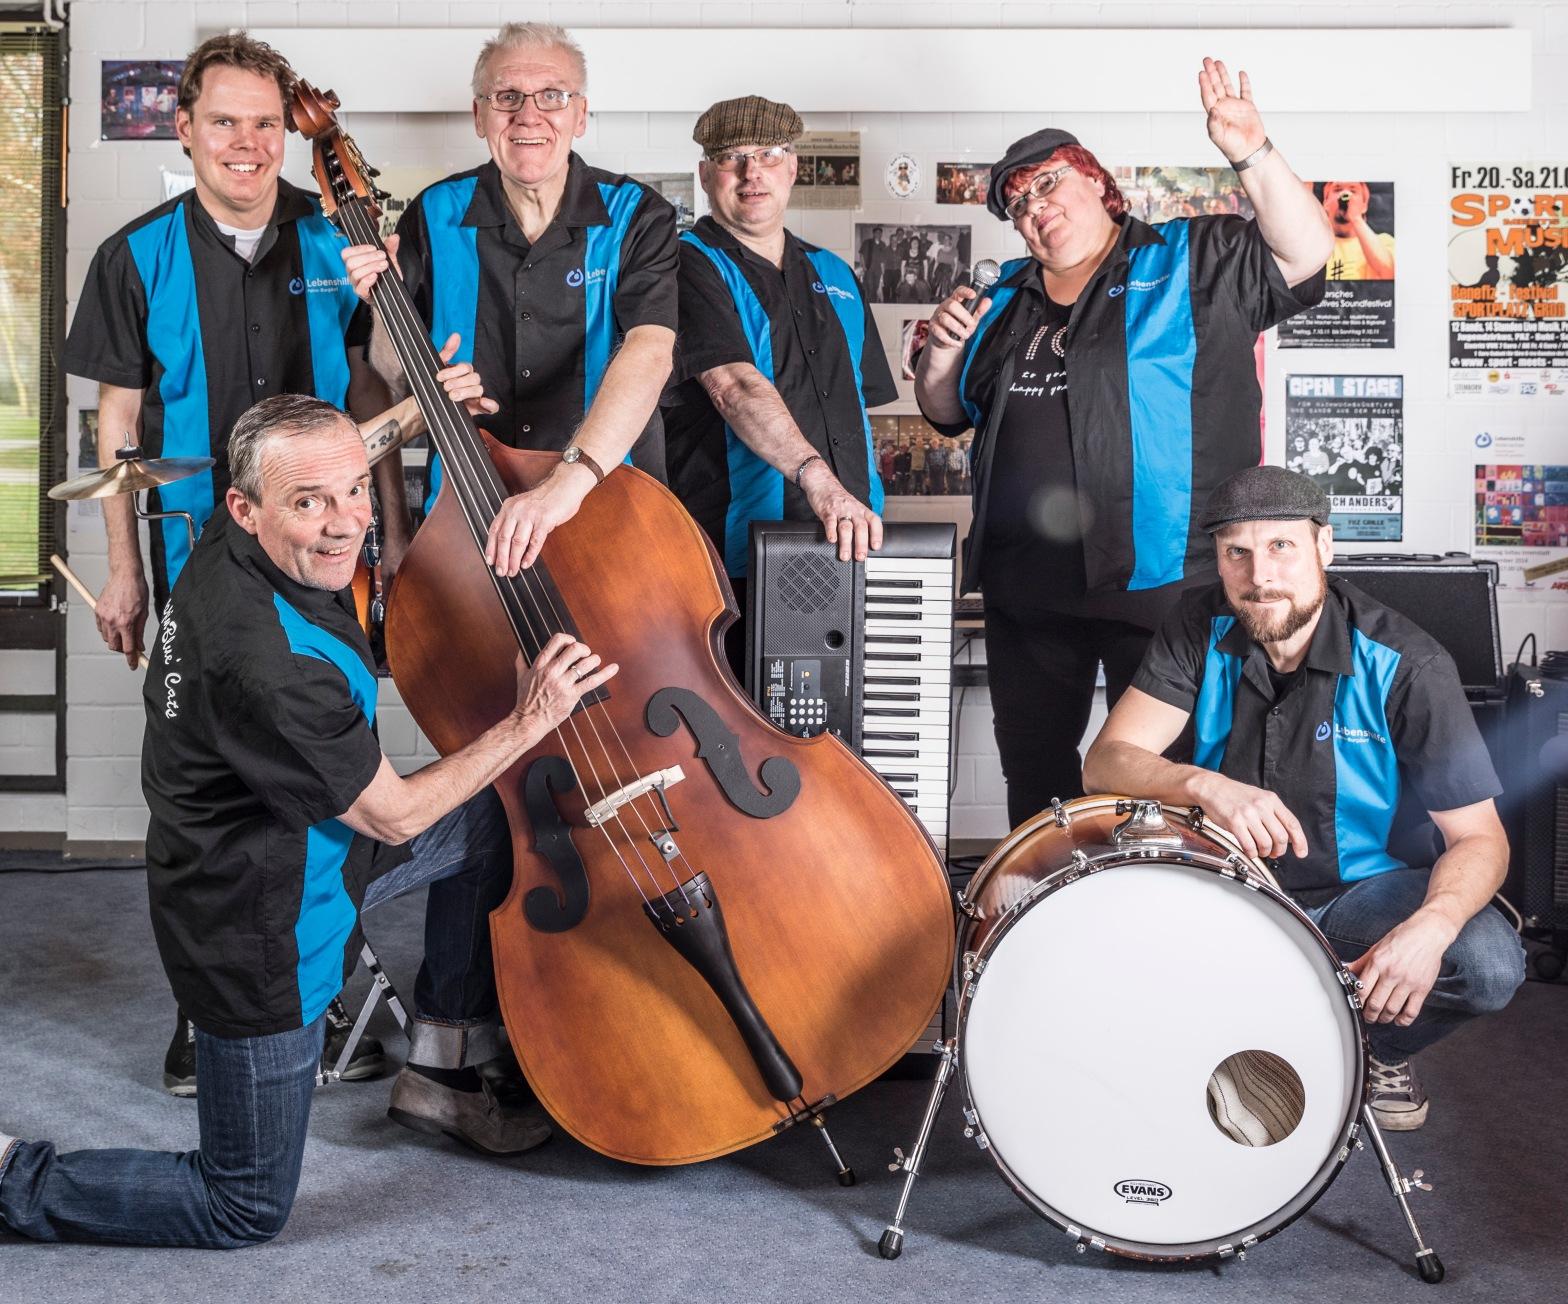 Sechs Mitglieder der Band Boppin´Blue Cats mit einem großen Bass, einem Keyboard und einer Basstrommel, gut gelaunt und alle mit den gleichen schwarz blauen Hemden